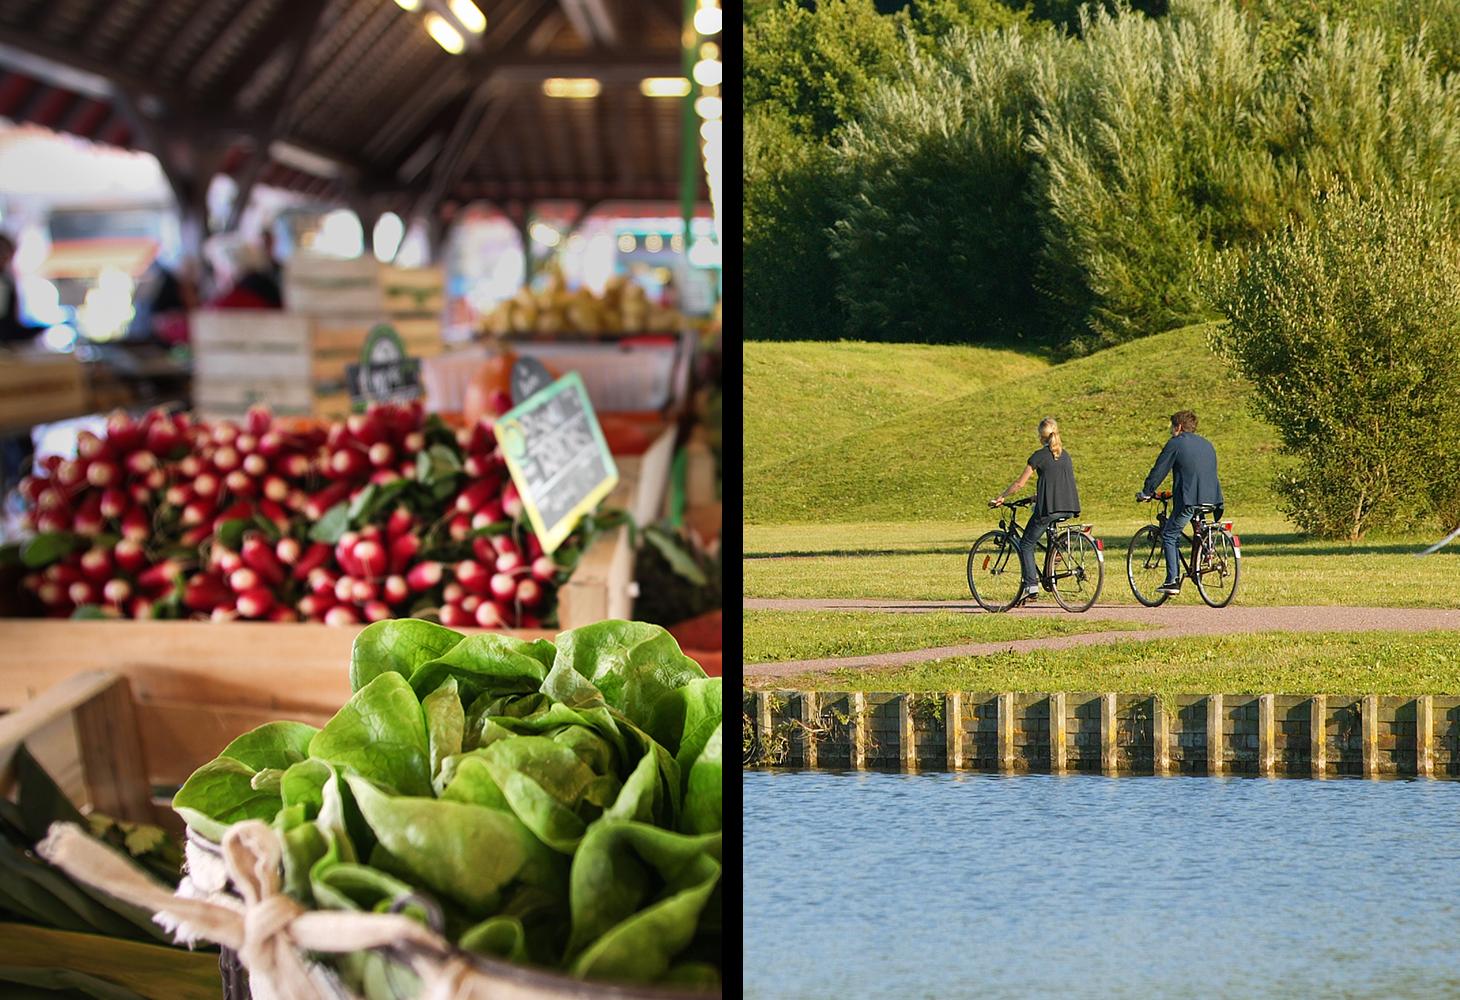 Markt und Radtour